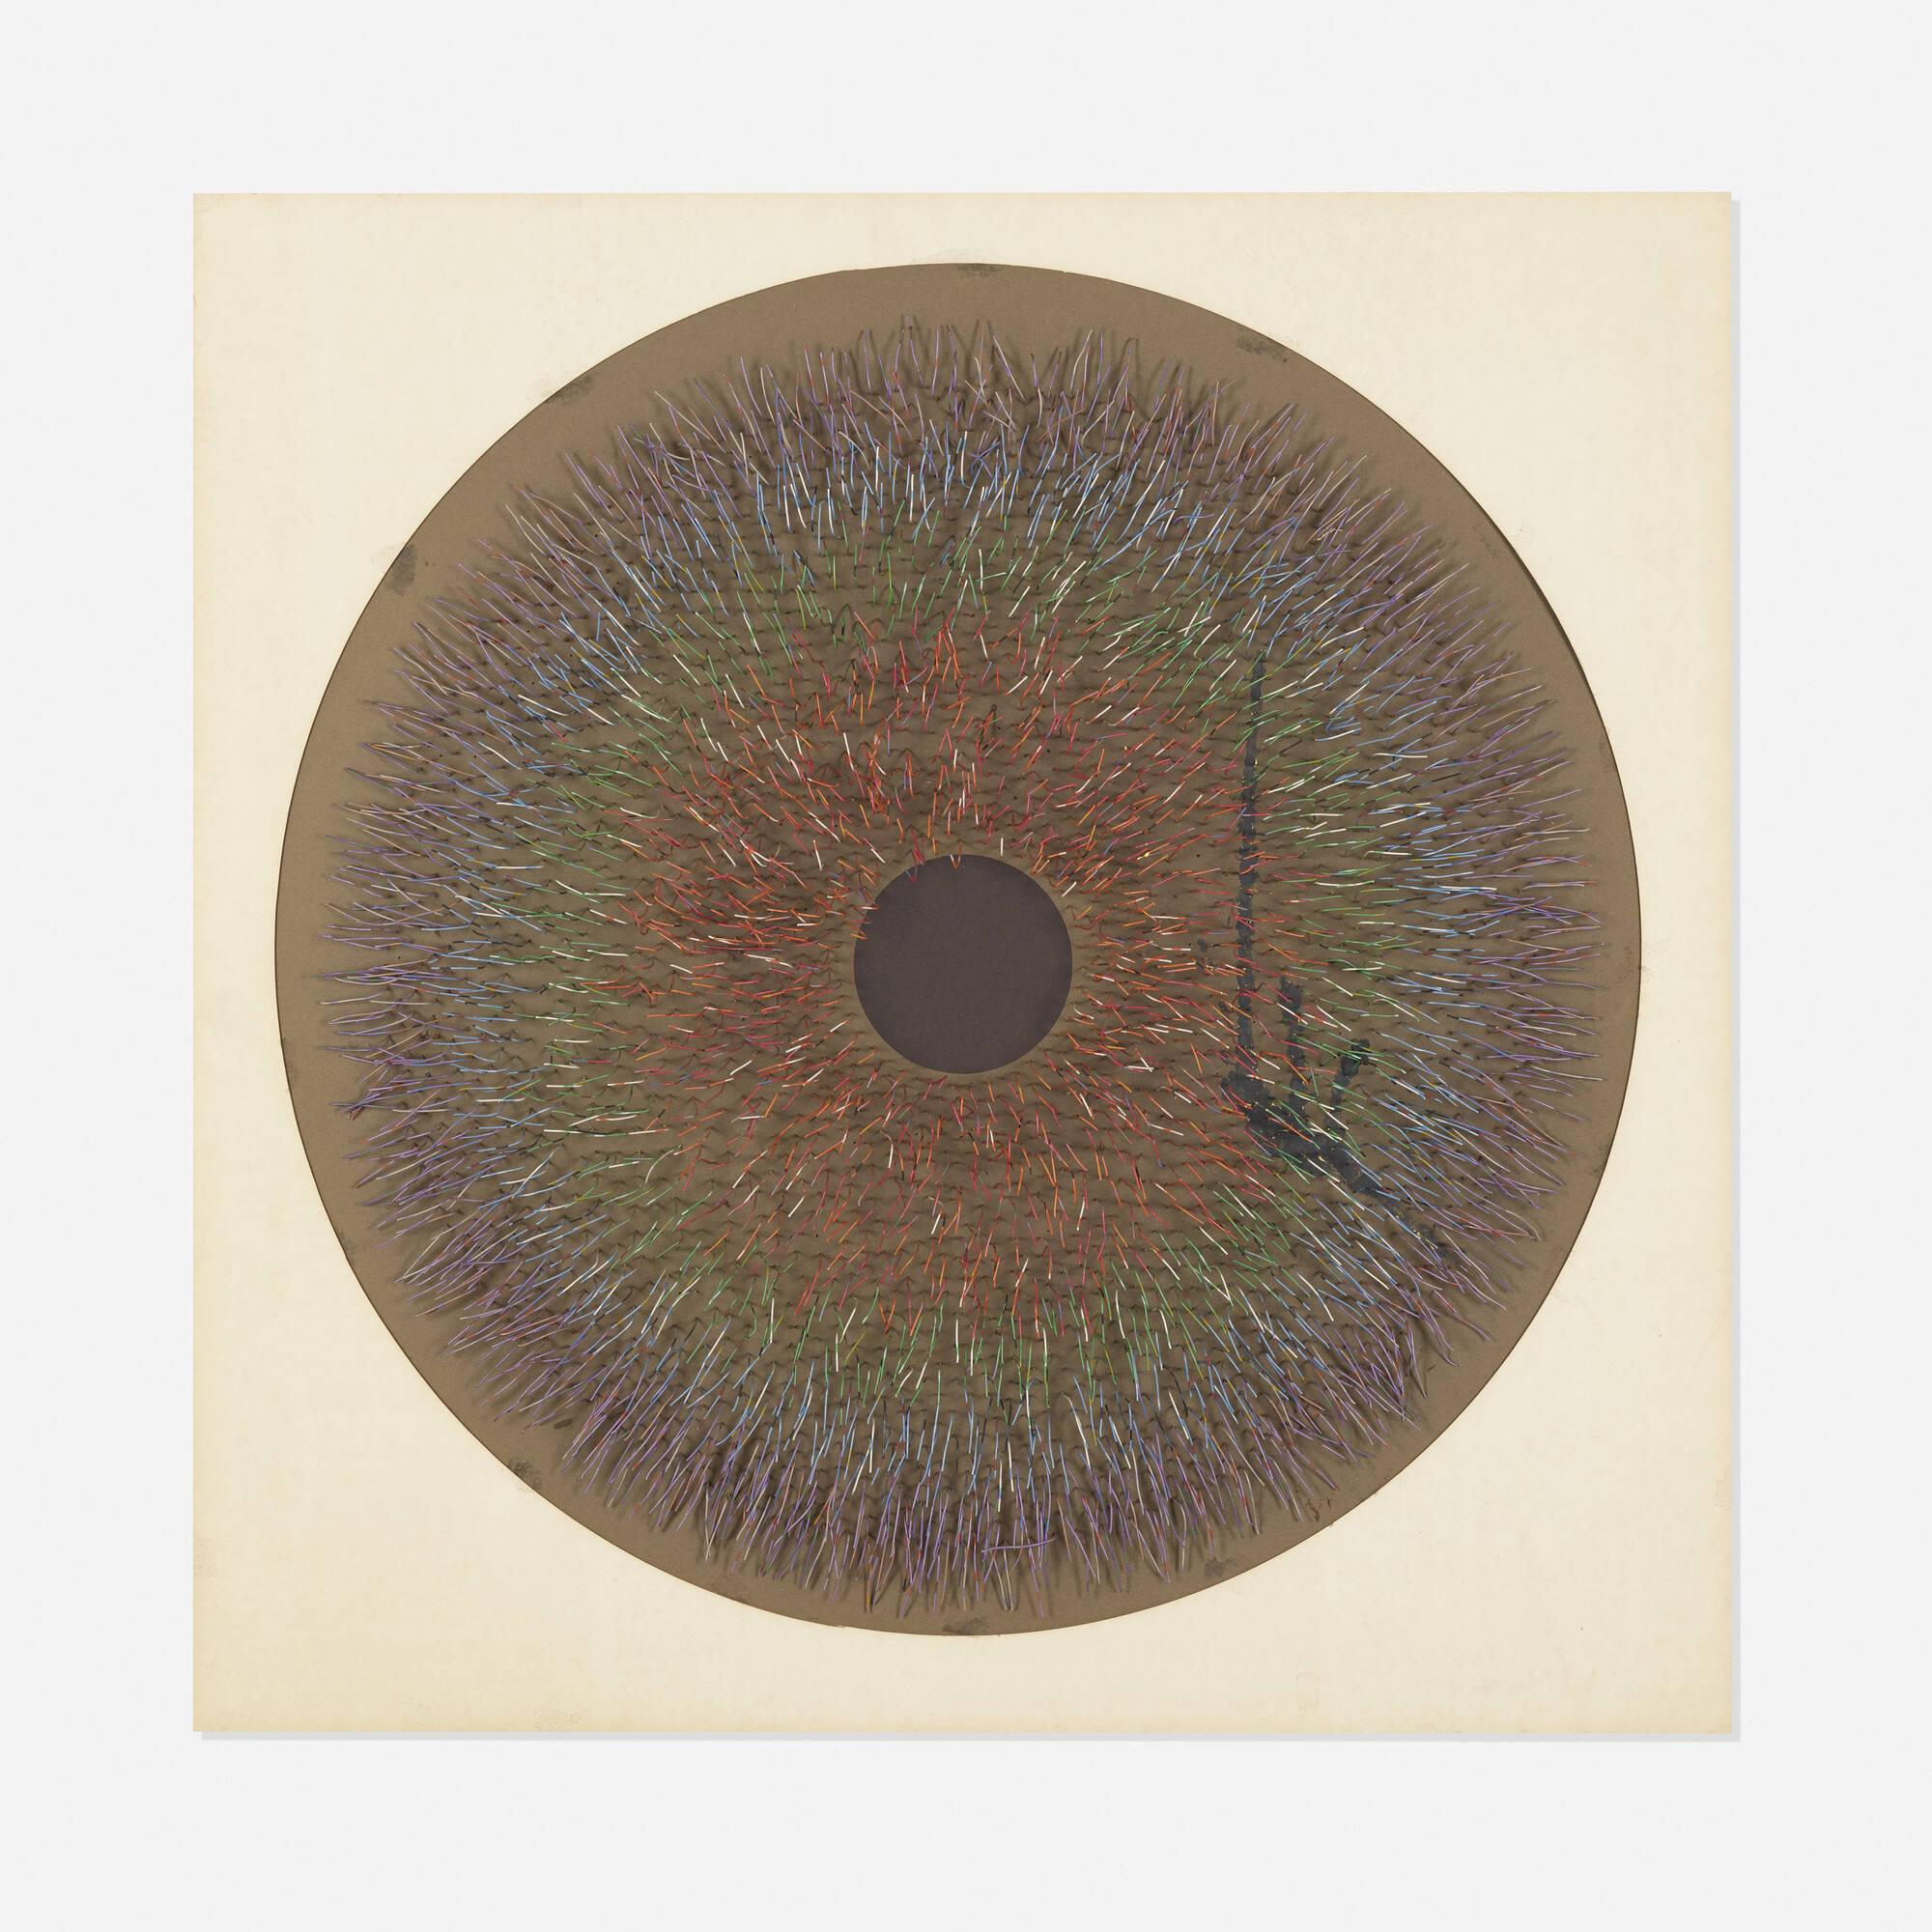 157: Irving Harper / Untitled (1 of 1)